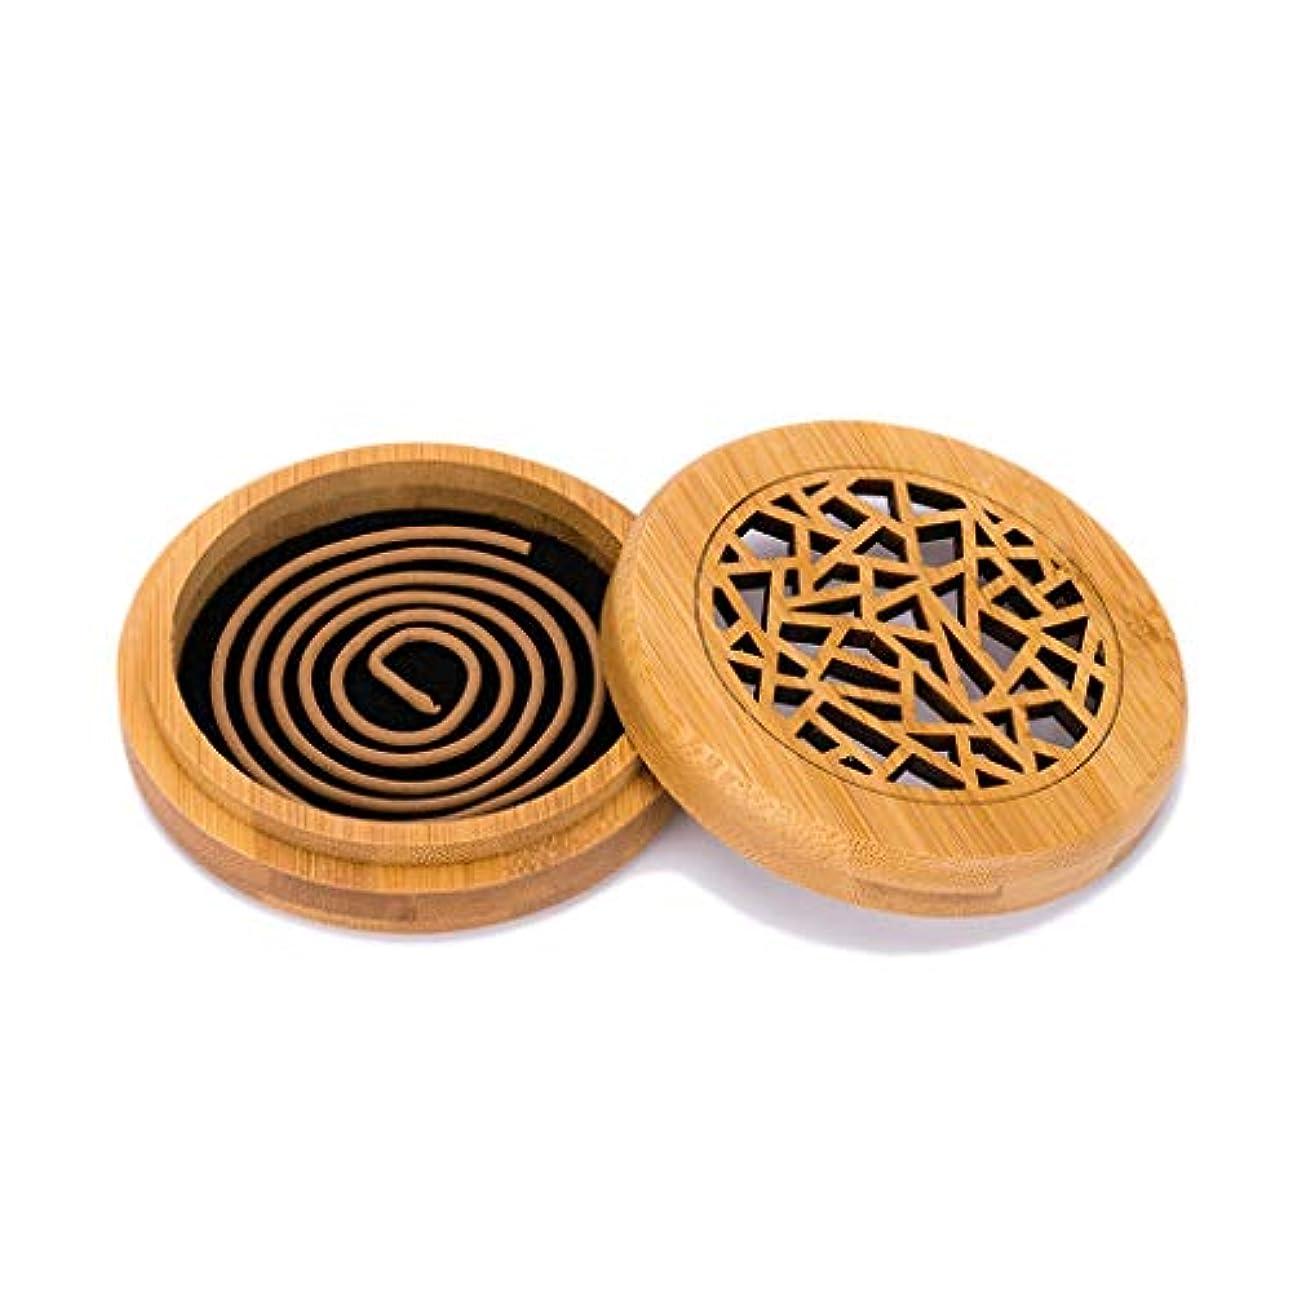 デコレーション村経済木製香炉コイル香スティックコーンバーナーホルダー部屋の装飾瞑想竹アッシュキャッチャー香ホルダー (Color : Wood, サイズ : Round)